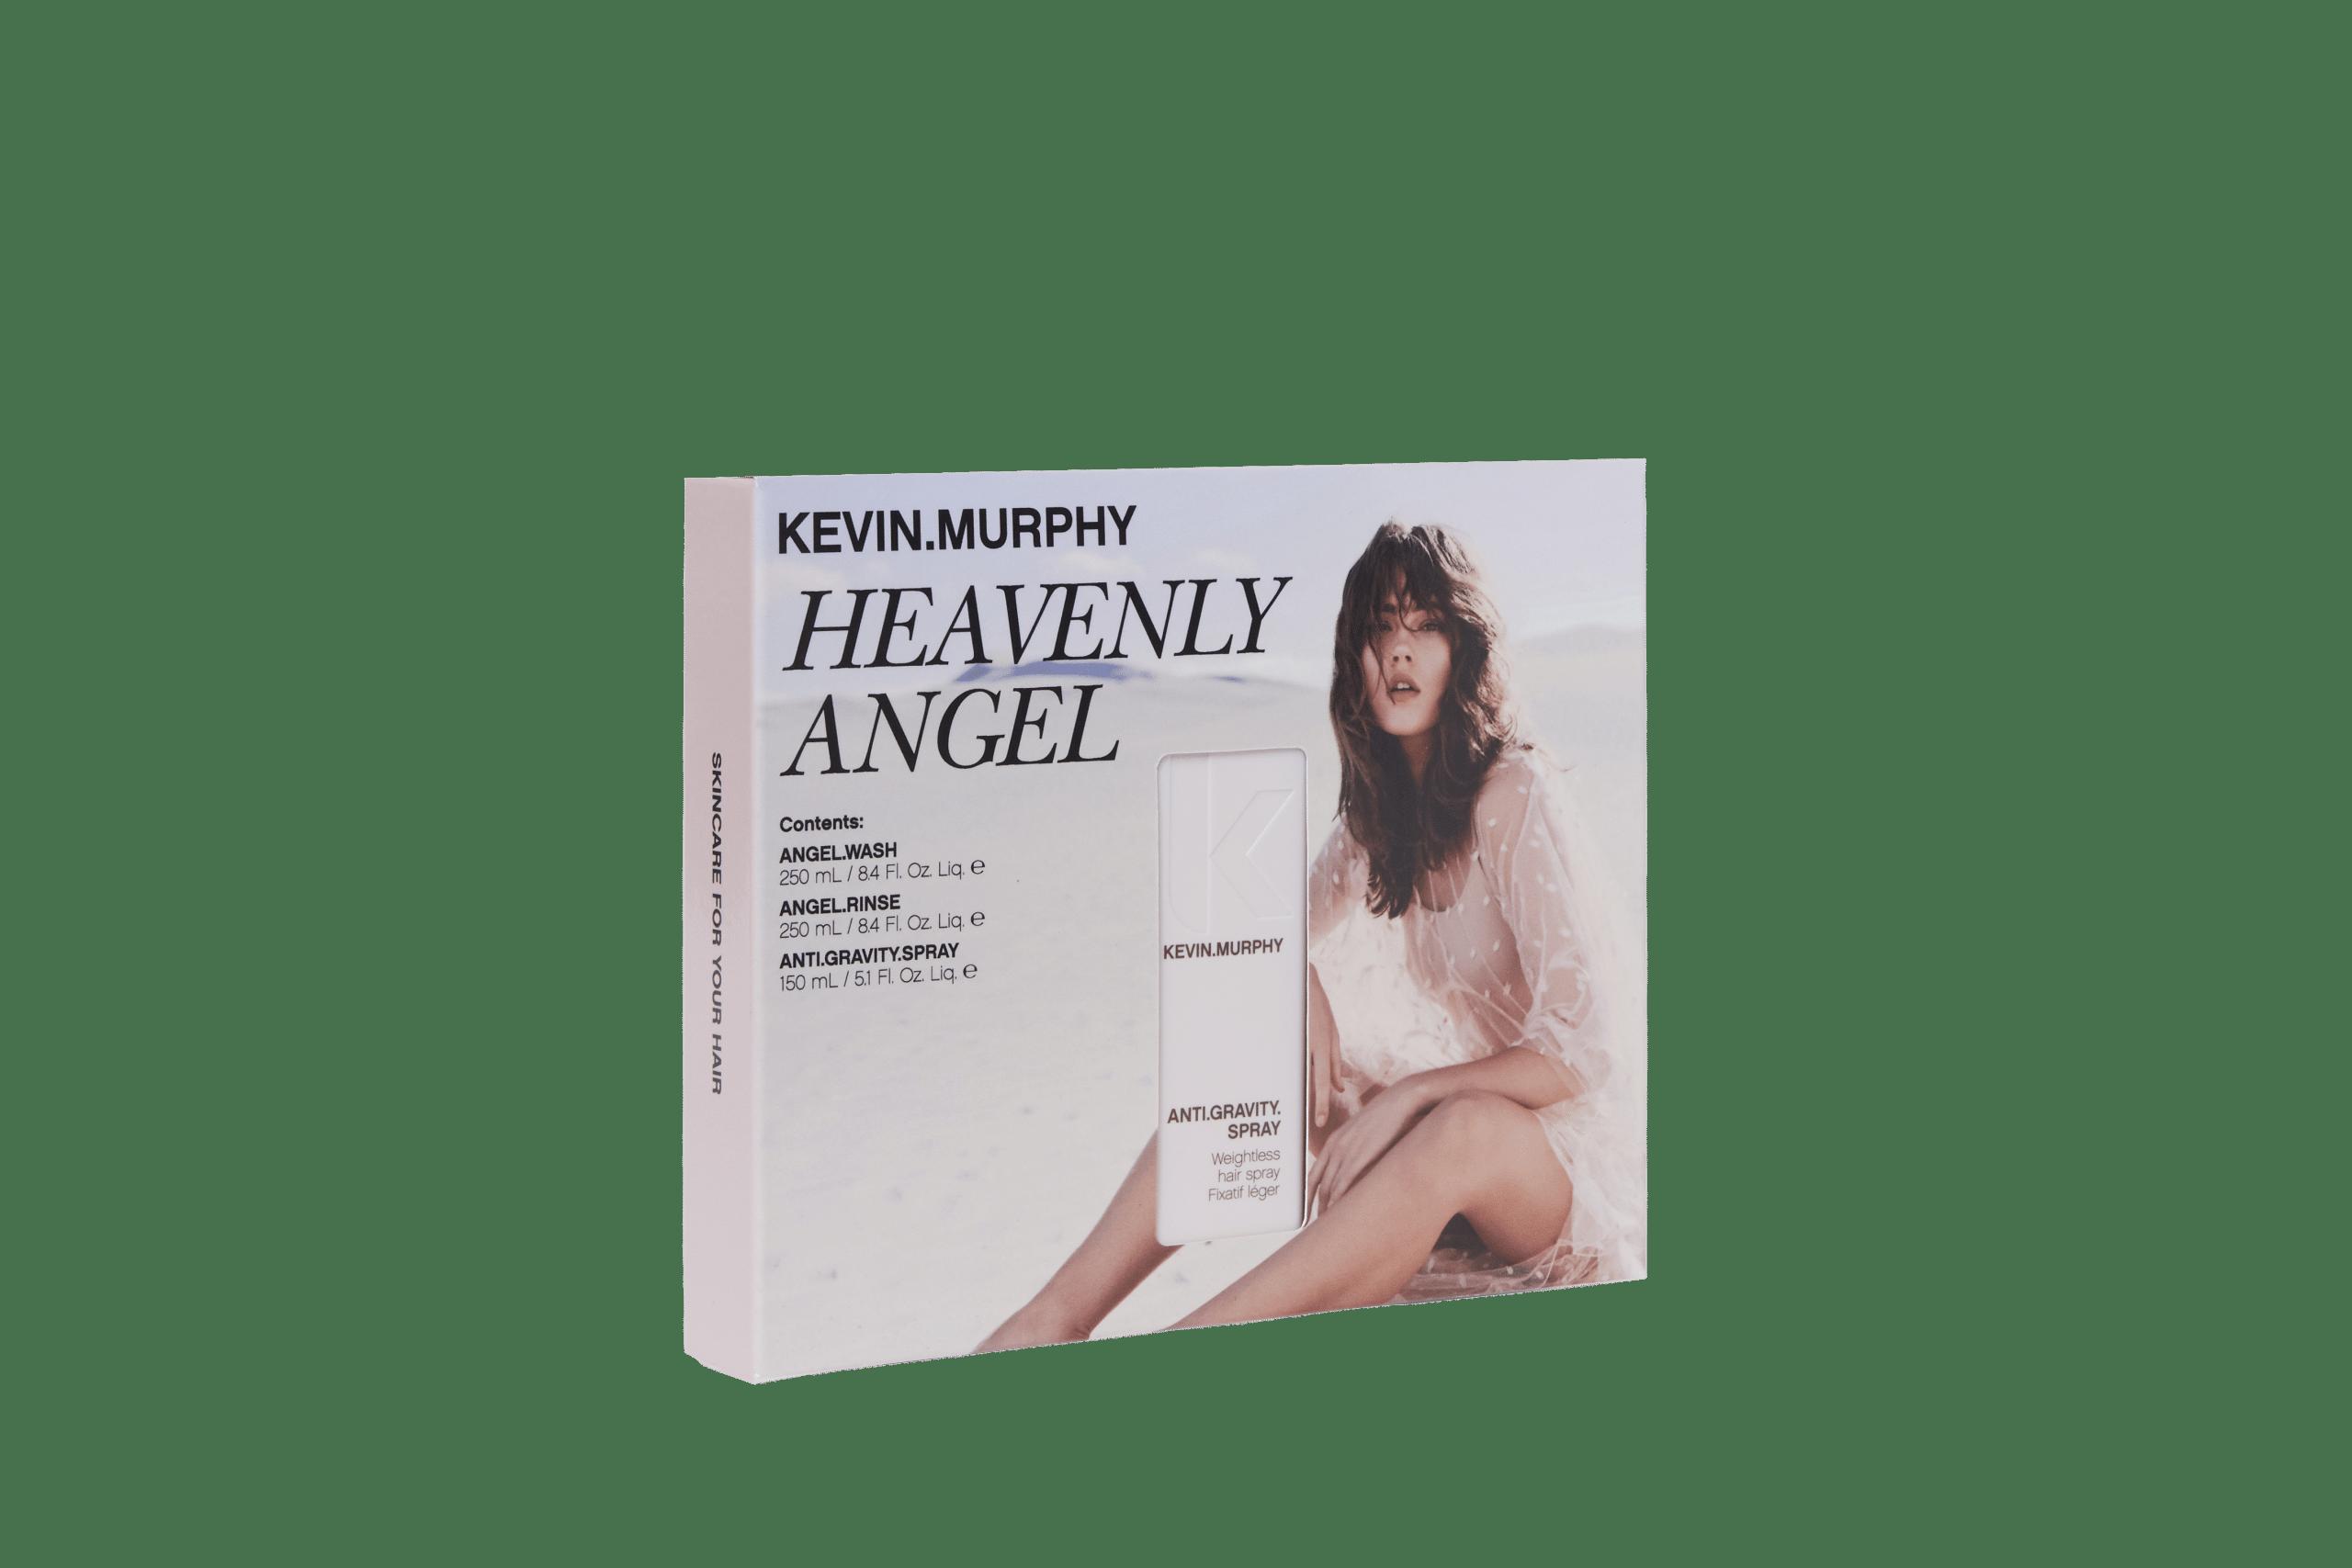 HeavenlyAngel 2